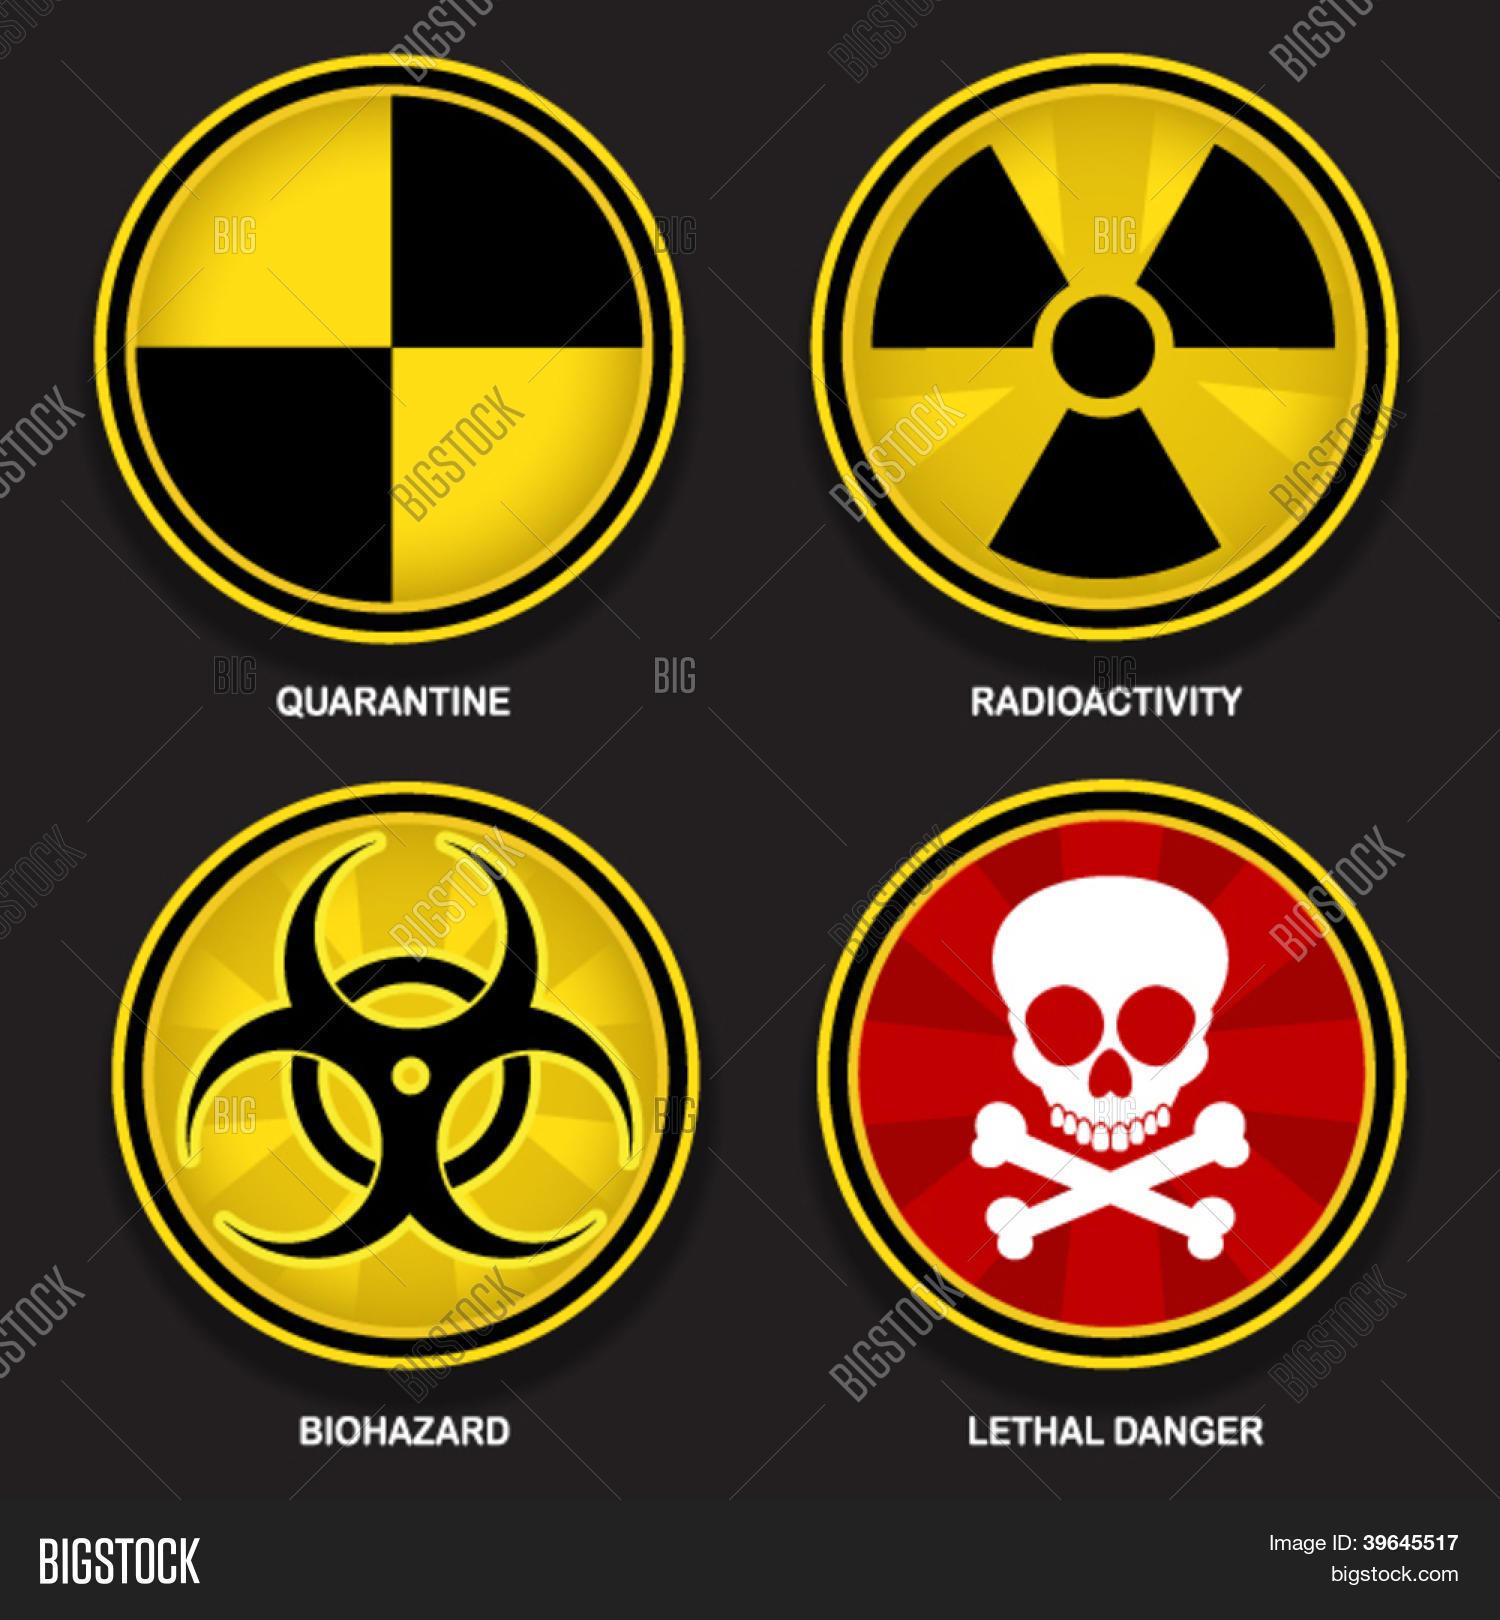 Hazard Symbols Vector Photo Free Trial Bigstock